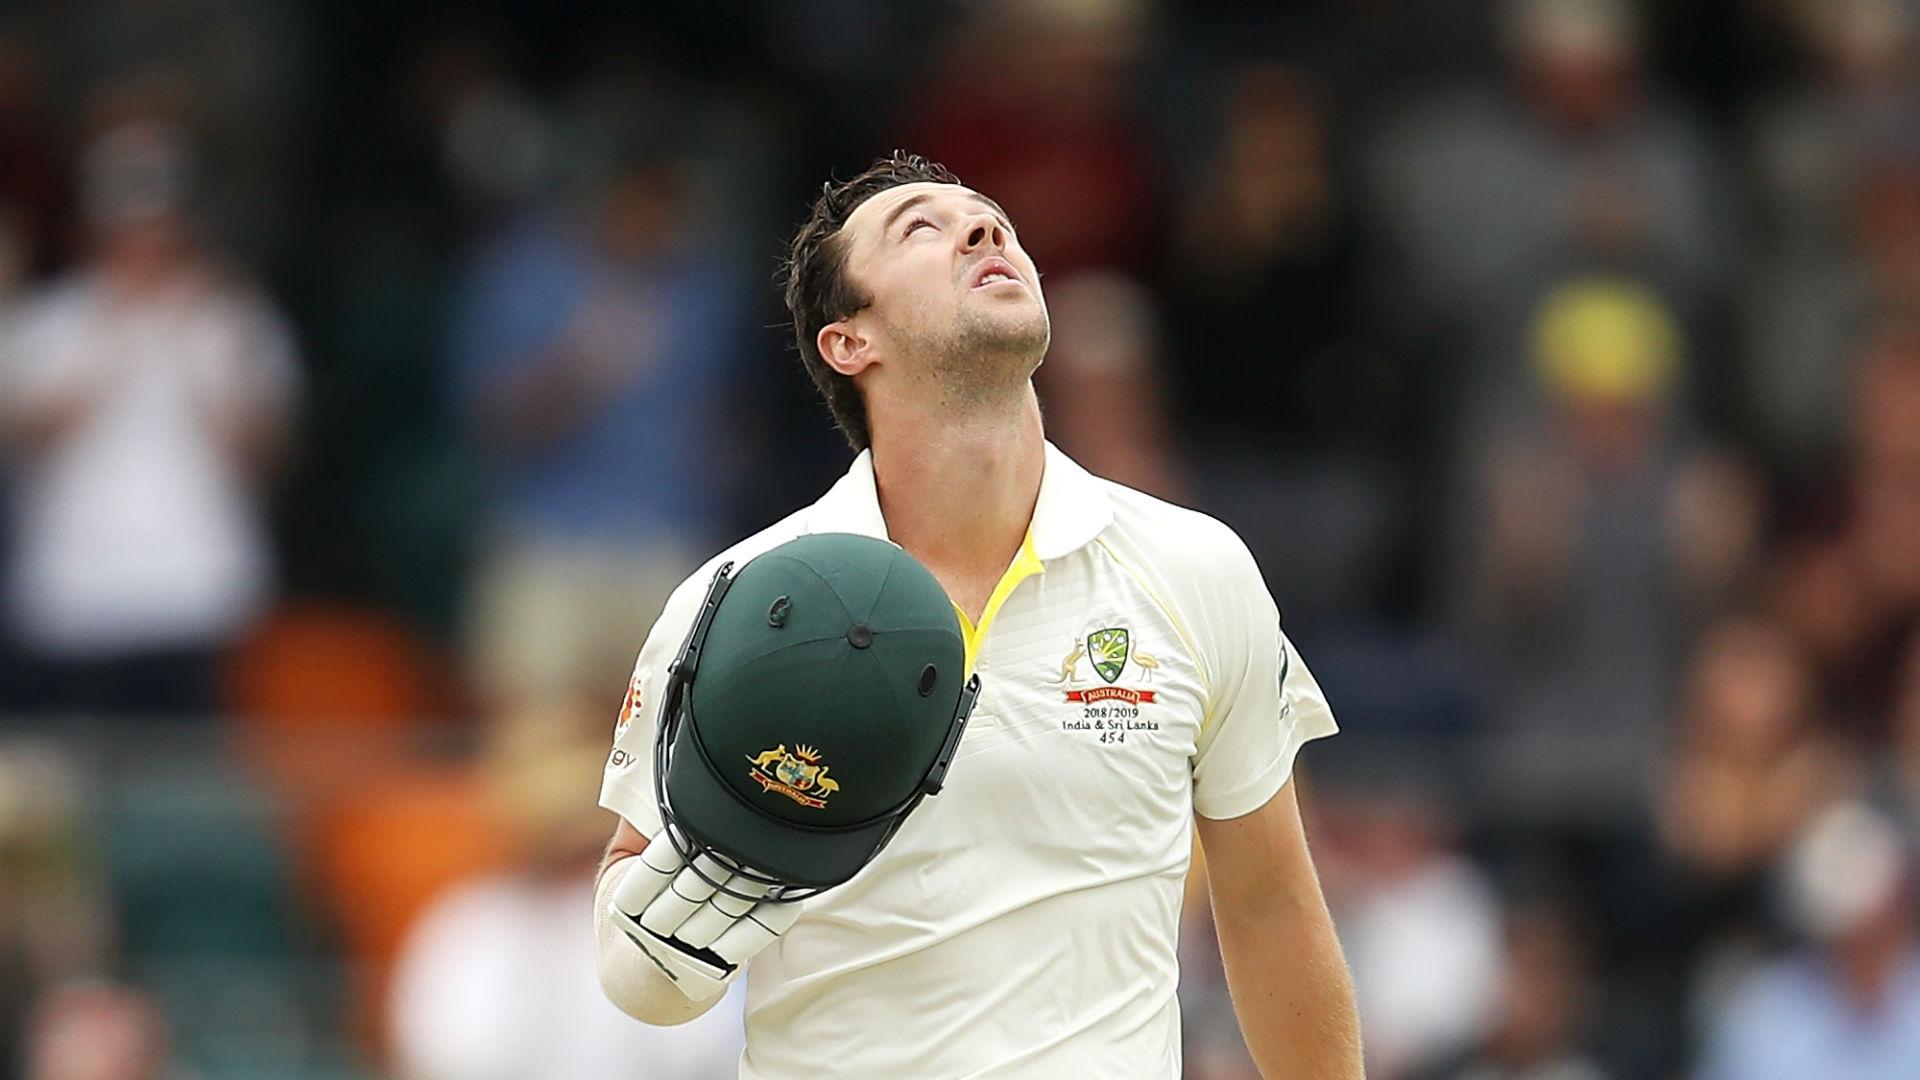 Australia v New Zealand: Travis Head backs officials amid bushfire concerns ahead of SCG Test